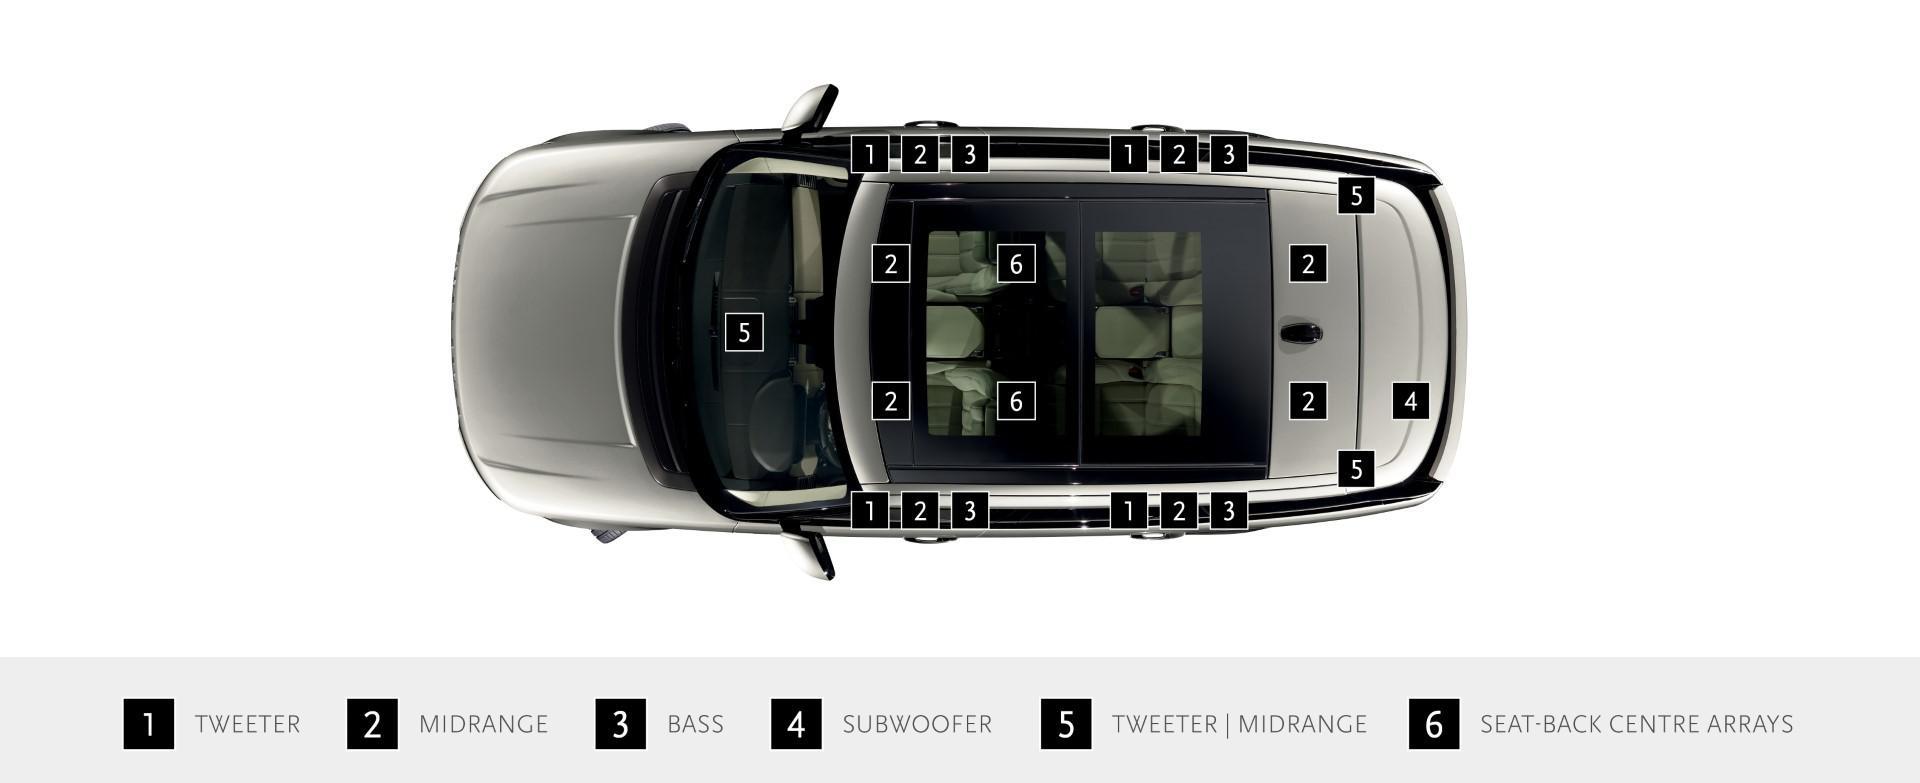 5-systemes-audio-haut-de-gamme-pour-voitures-1241-5.jpg